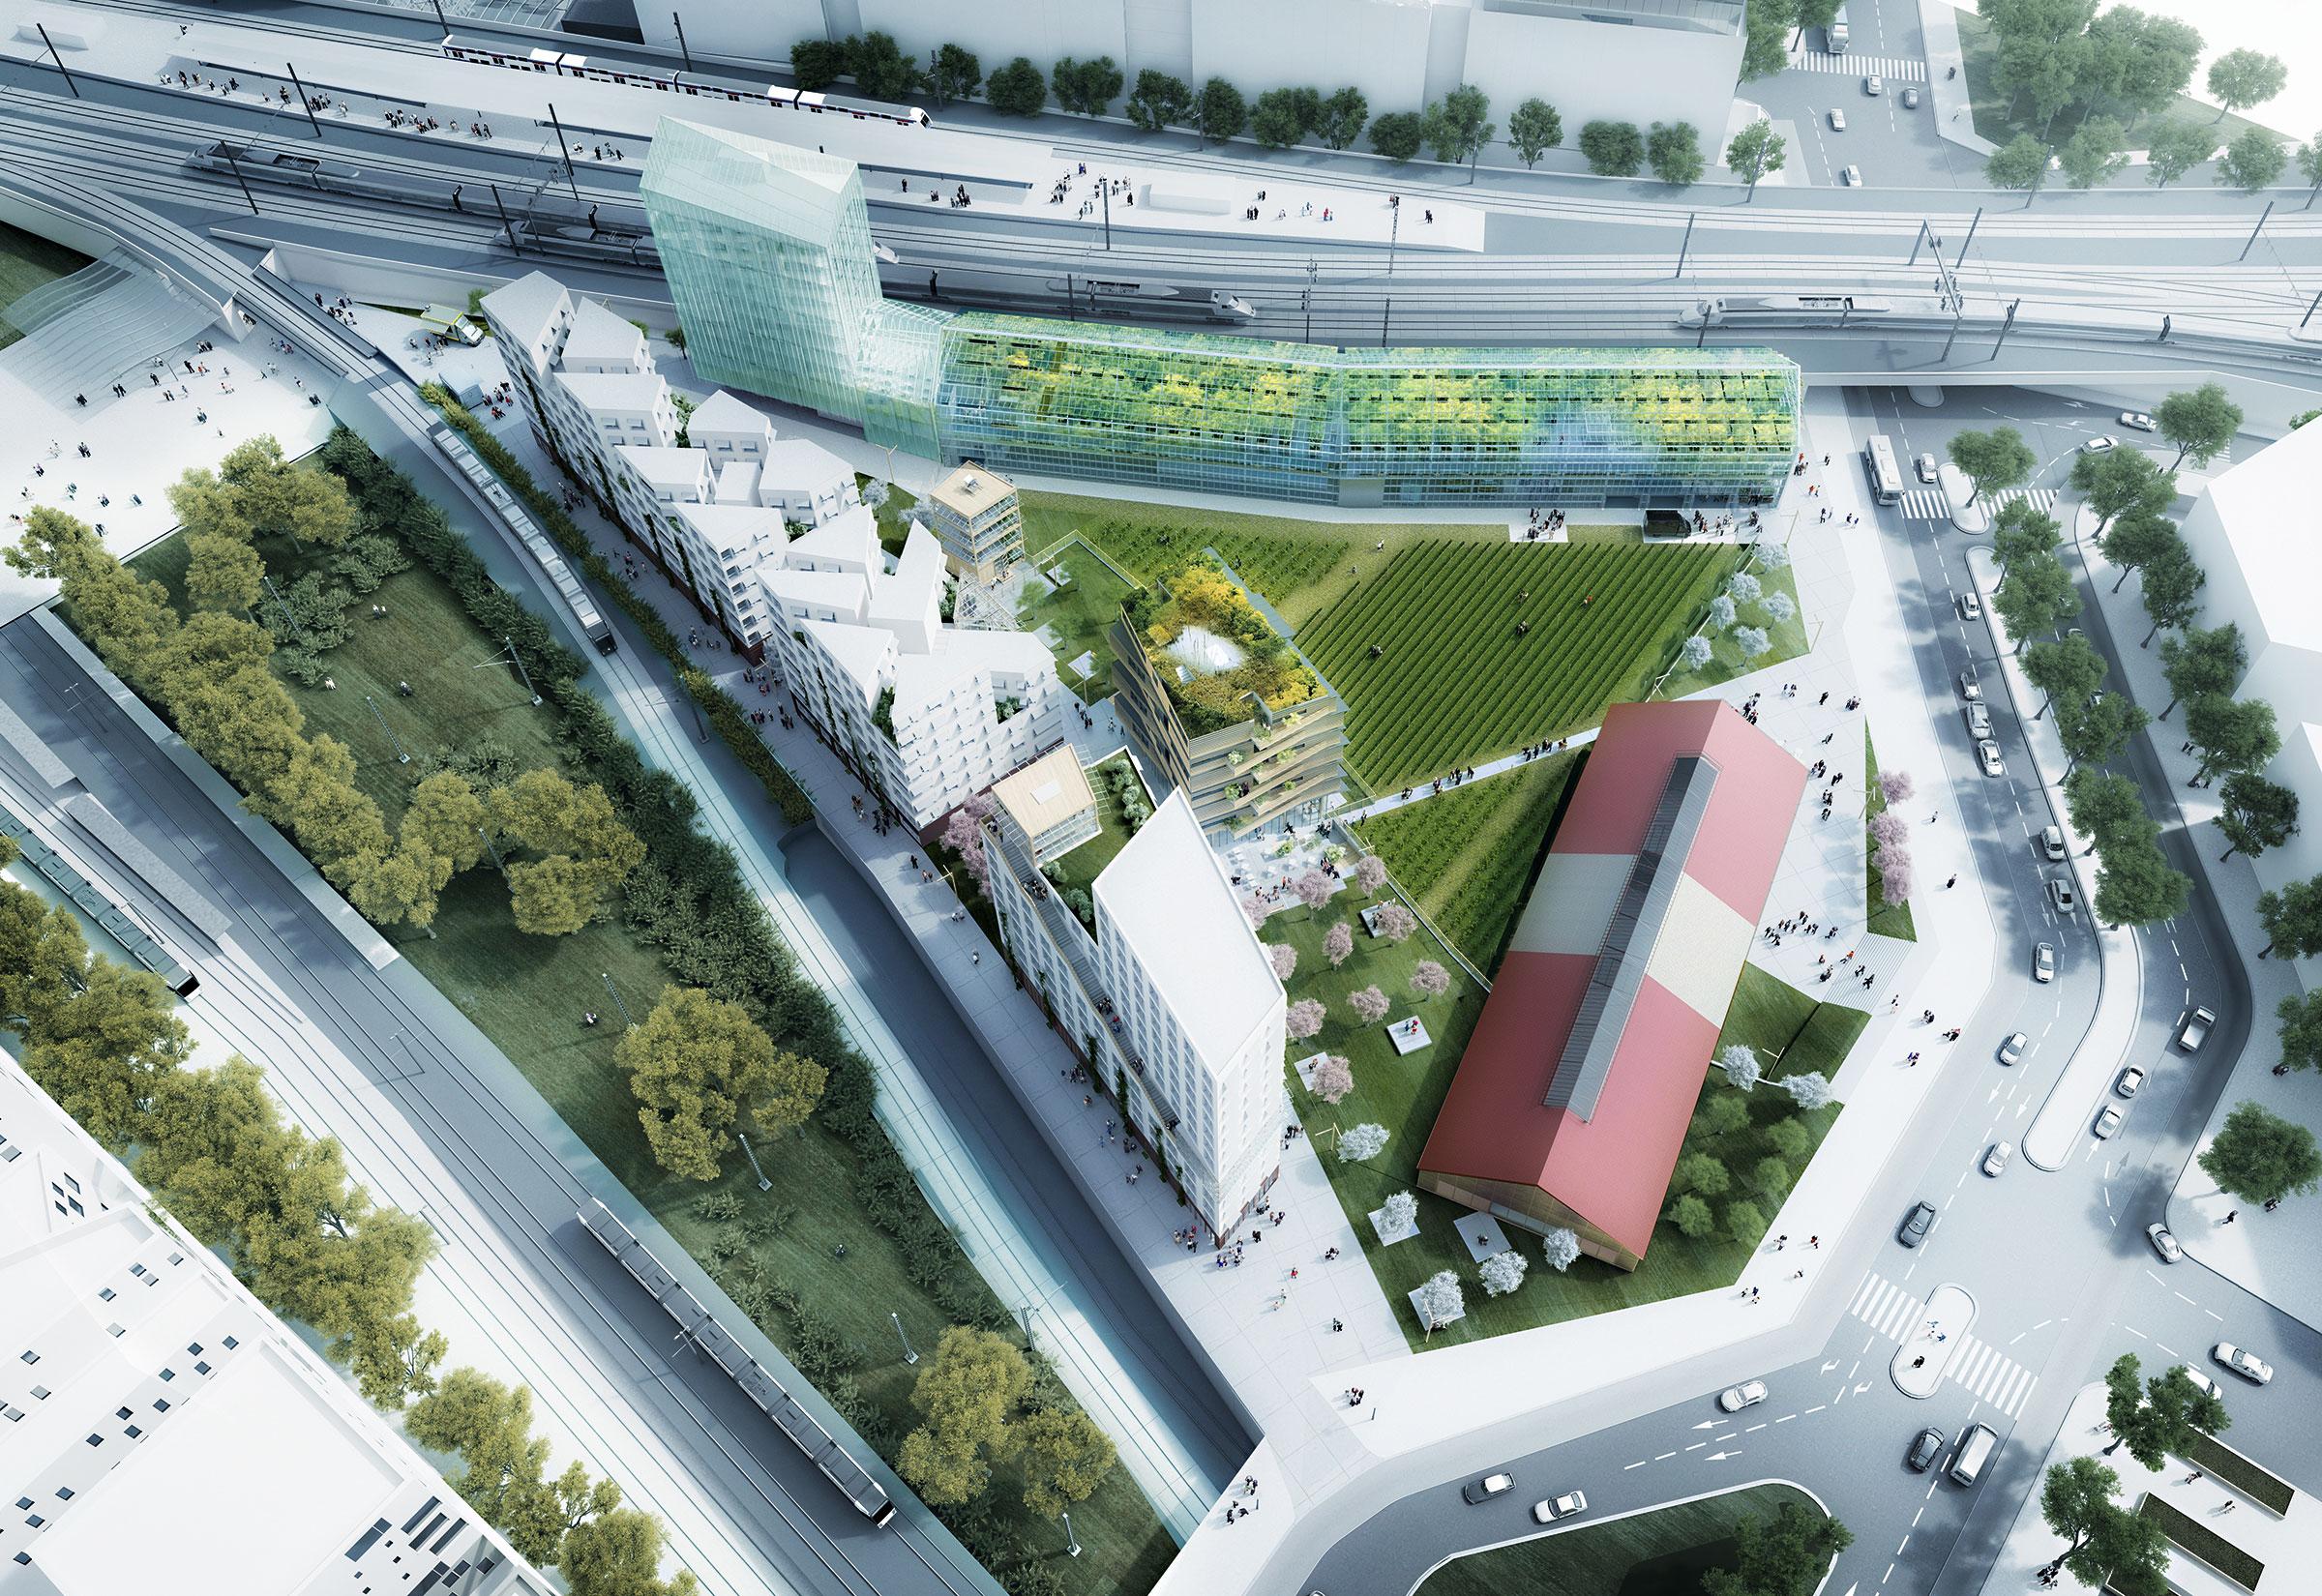 La Fabrique Agricole, projet emblématique porté par SOA Arhitectes pour le concours Réinventer Paris (non lauréat). La serre urbaine accueil de la production, du commerce et des services sur plusieurs étages.